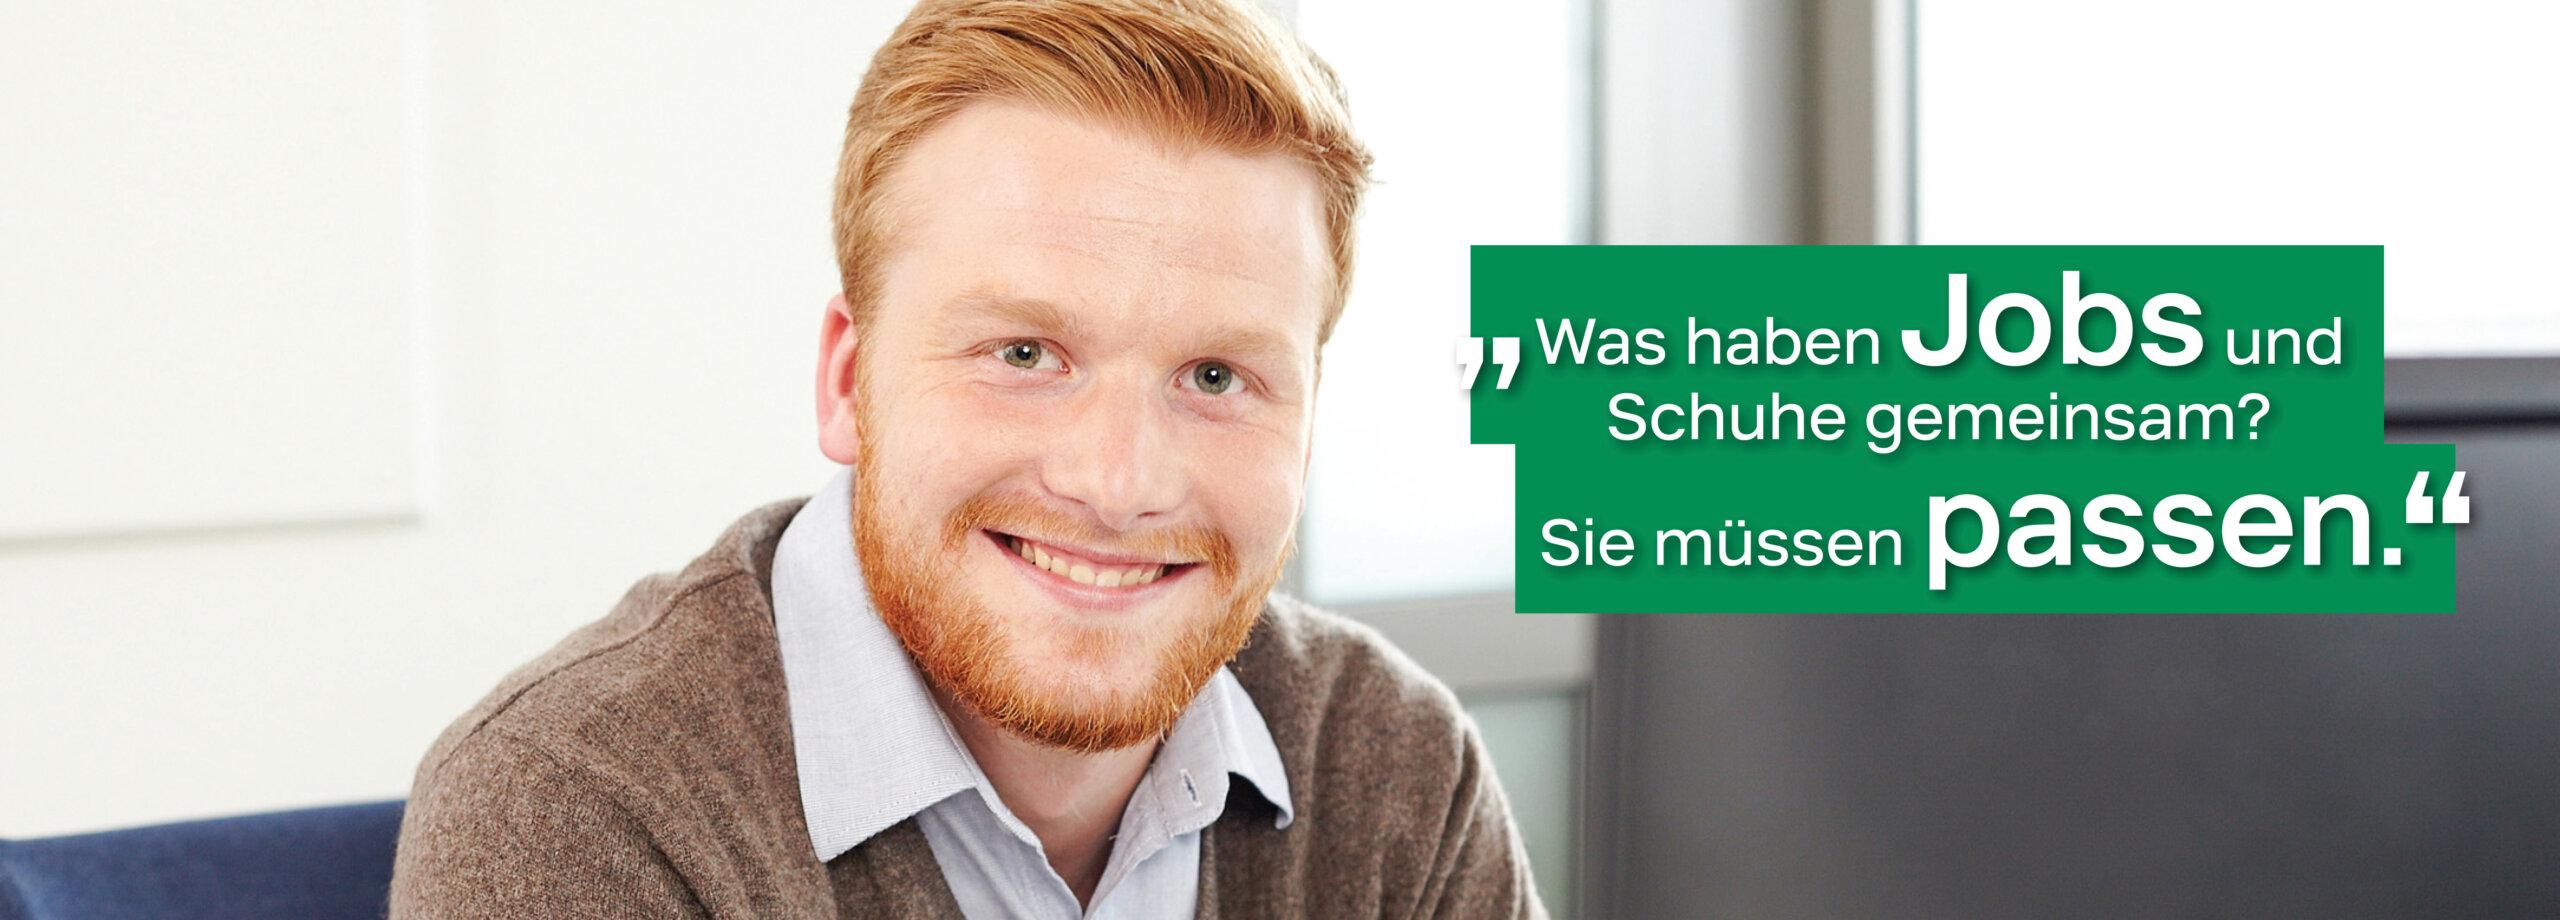 Deichmann Karriere